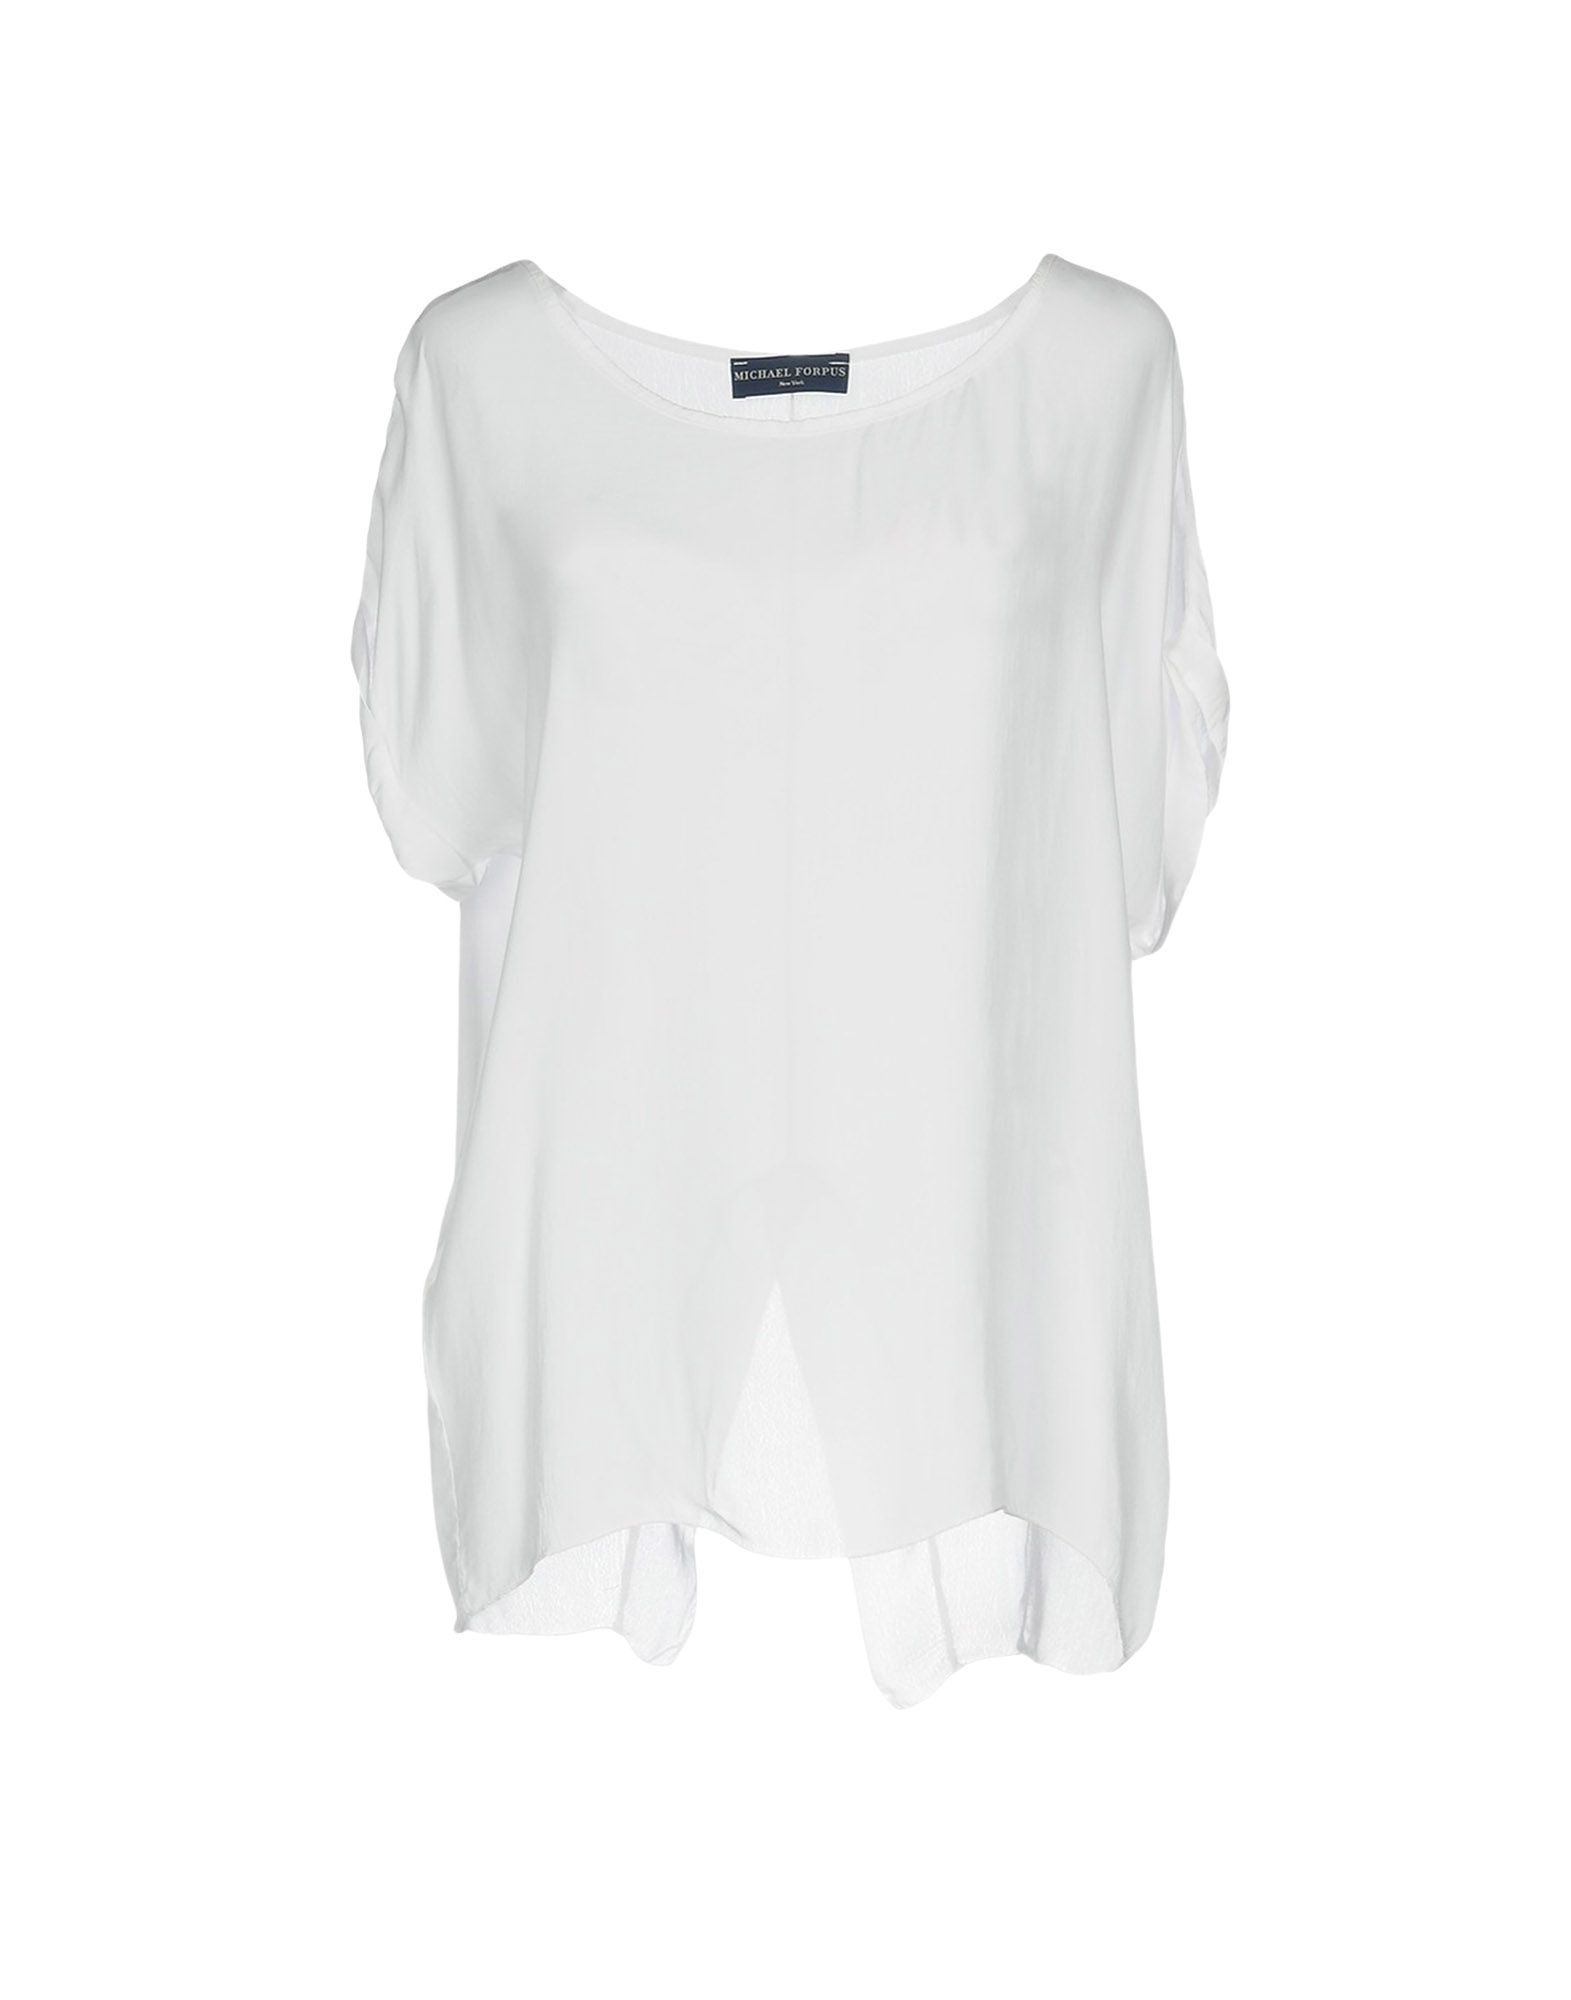 где купить MICHAEL FORPUS Блузка по лучшей цене